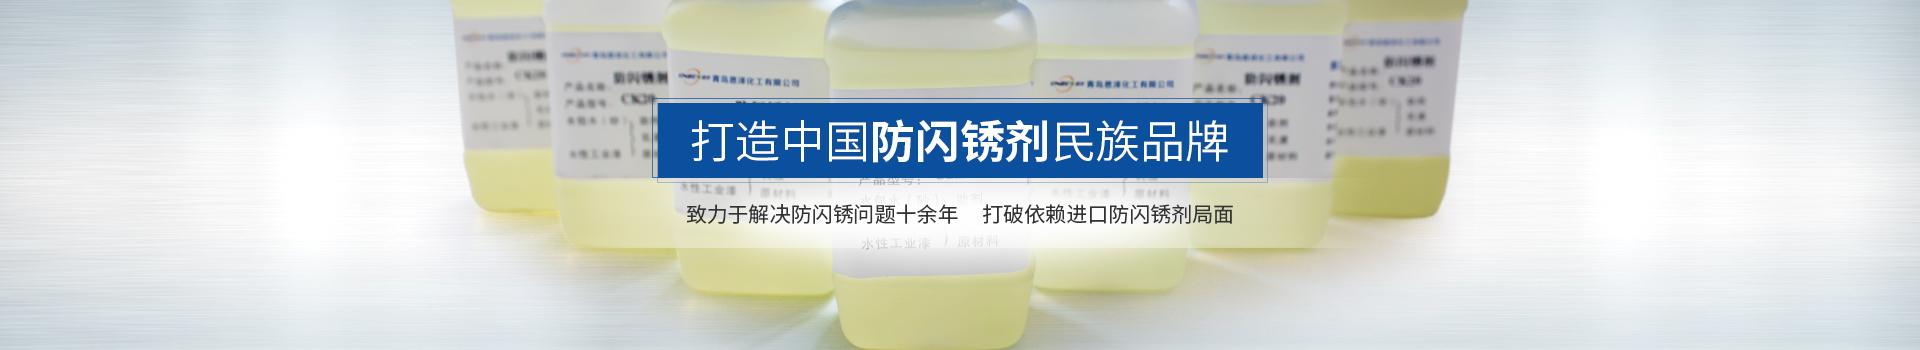 恩泽化工,打造中国防闪锈剂民族品牌